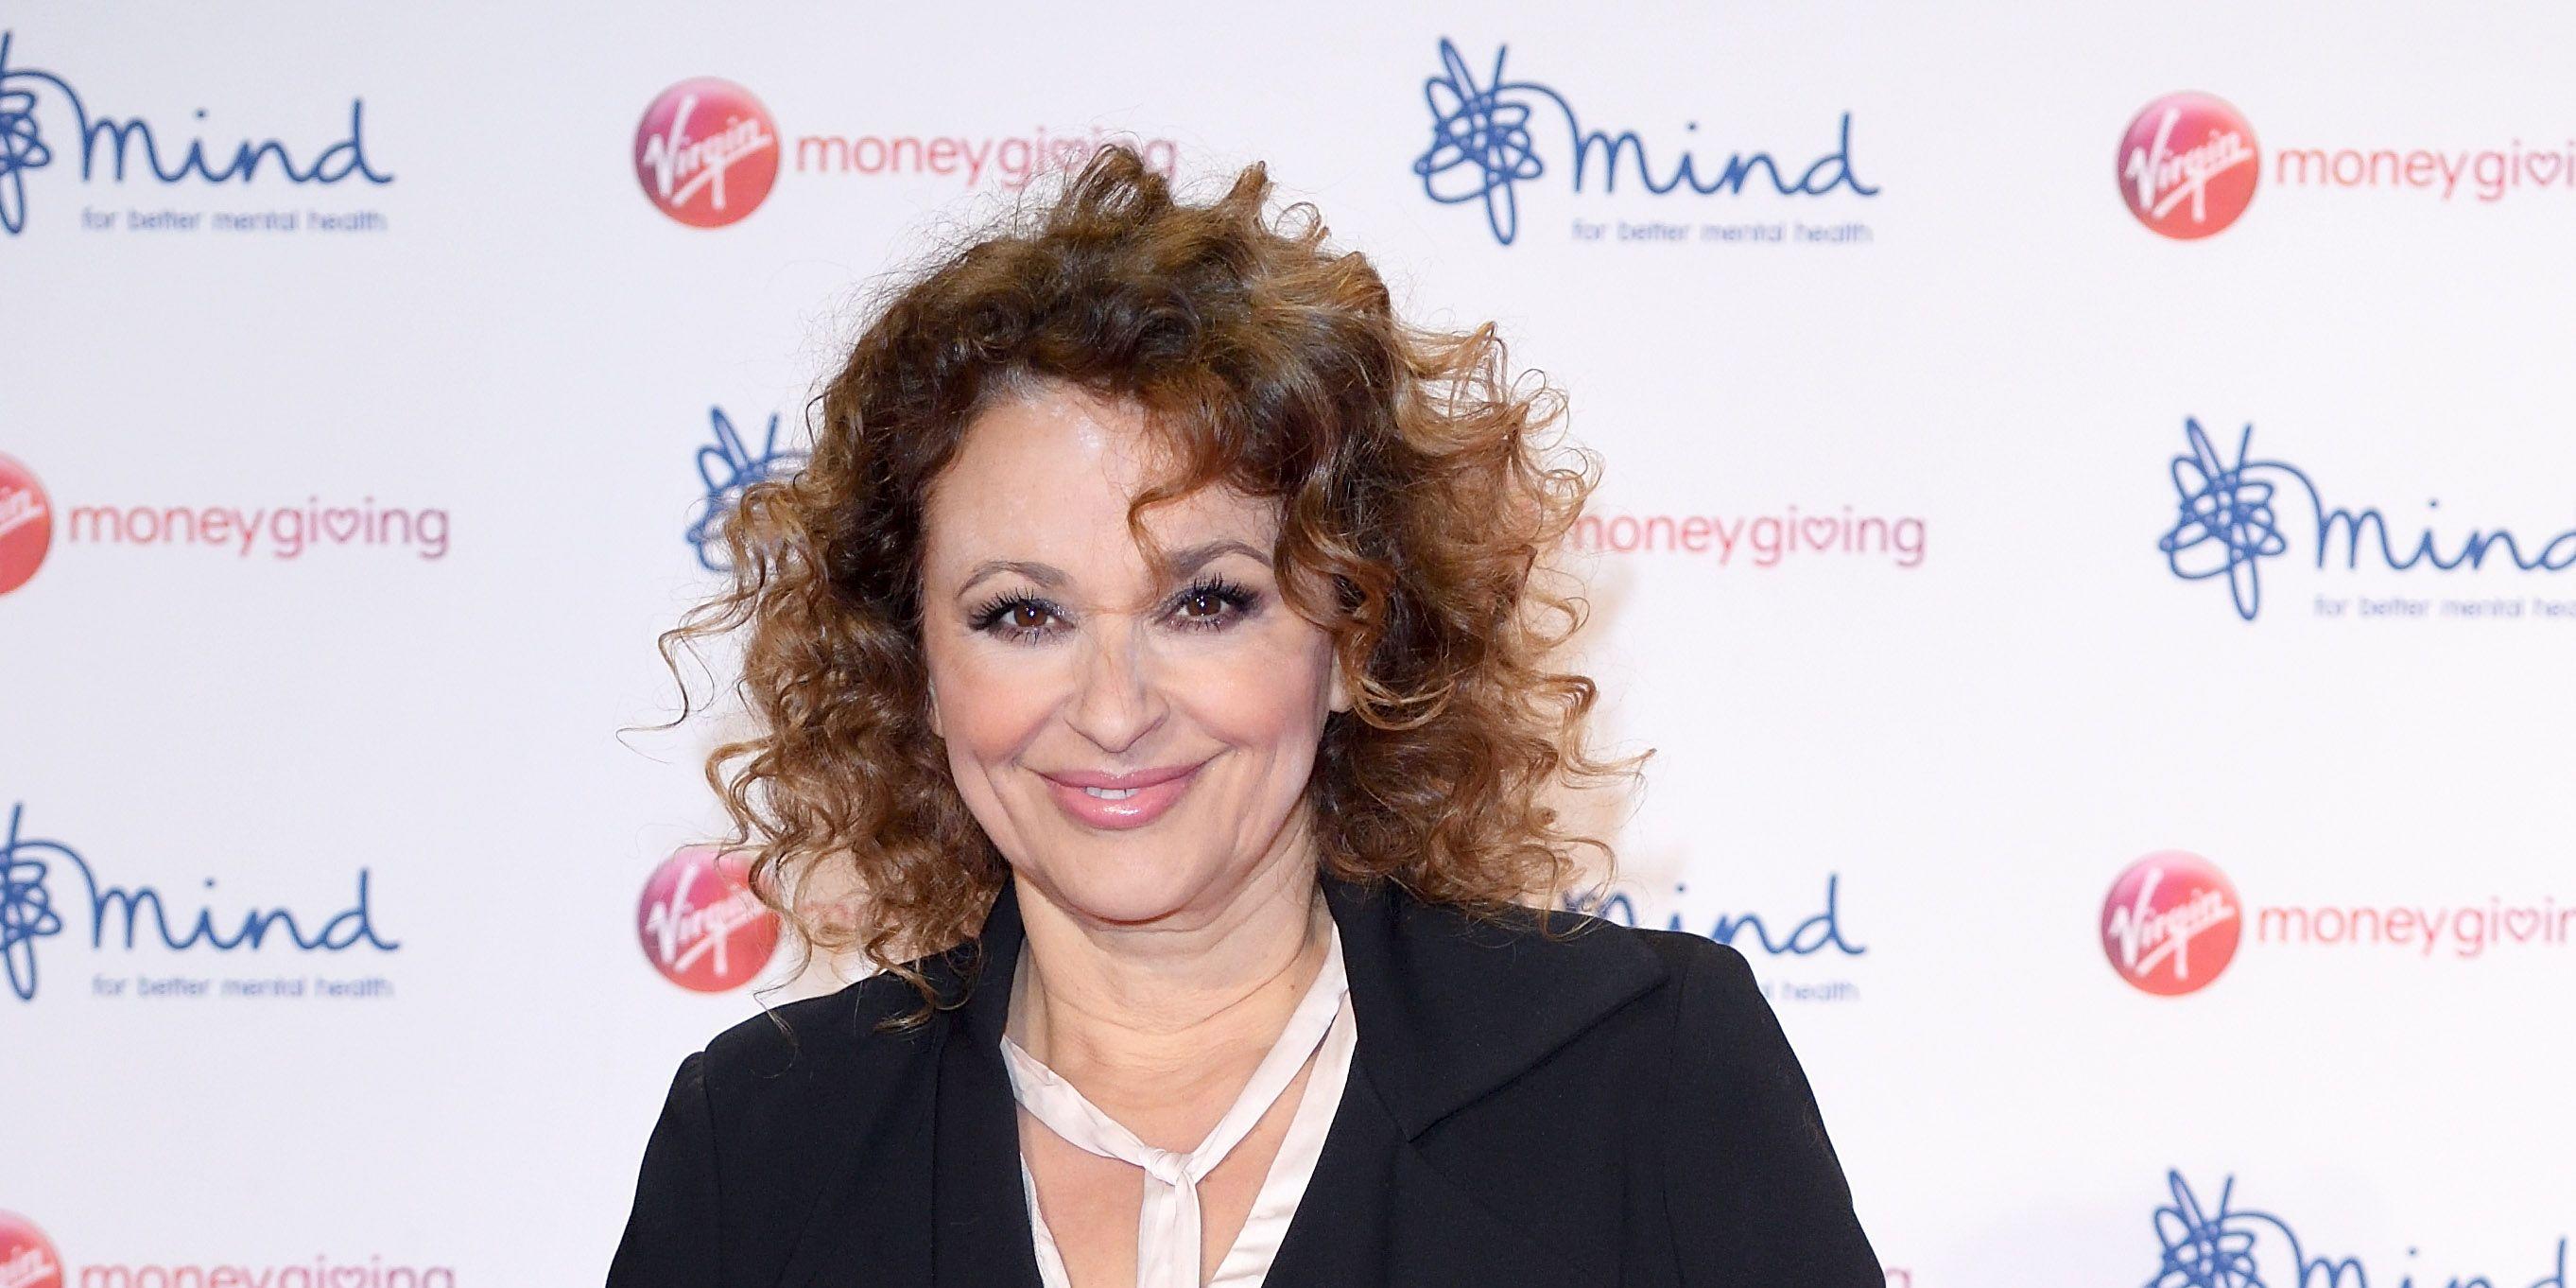 Nadia Sawalha attends the Virgin Money Giving Mind Media Awards